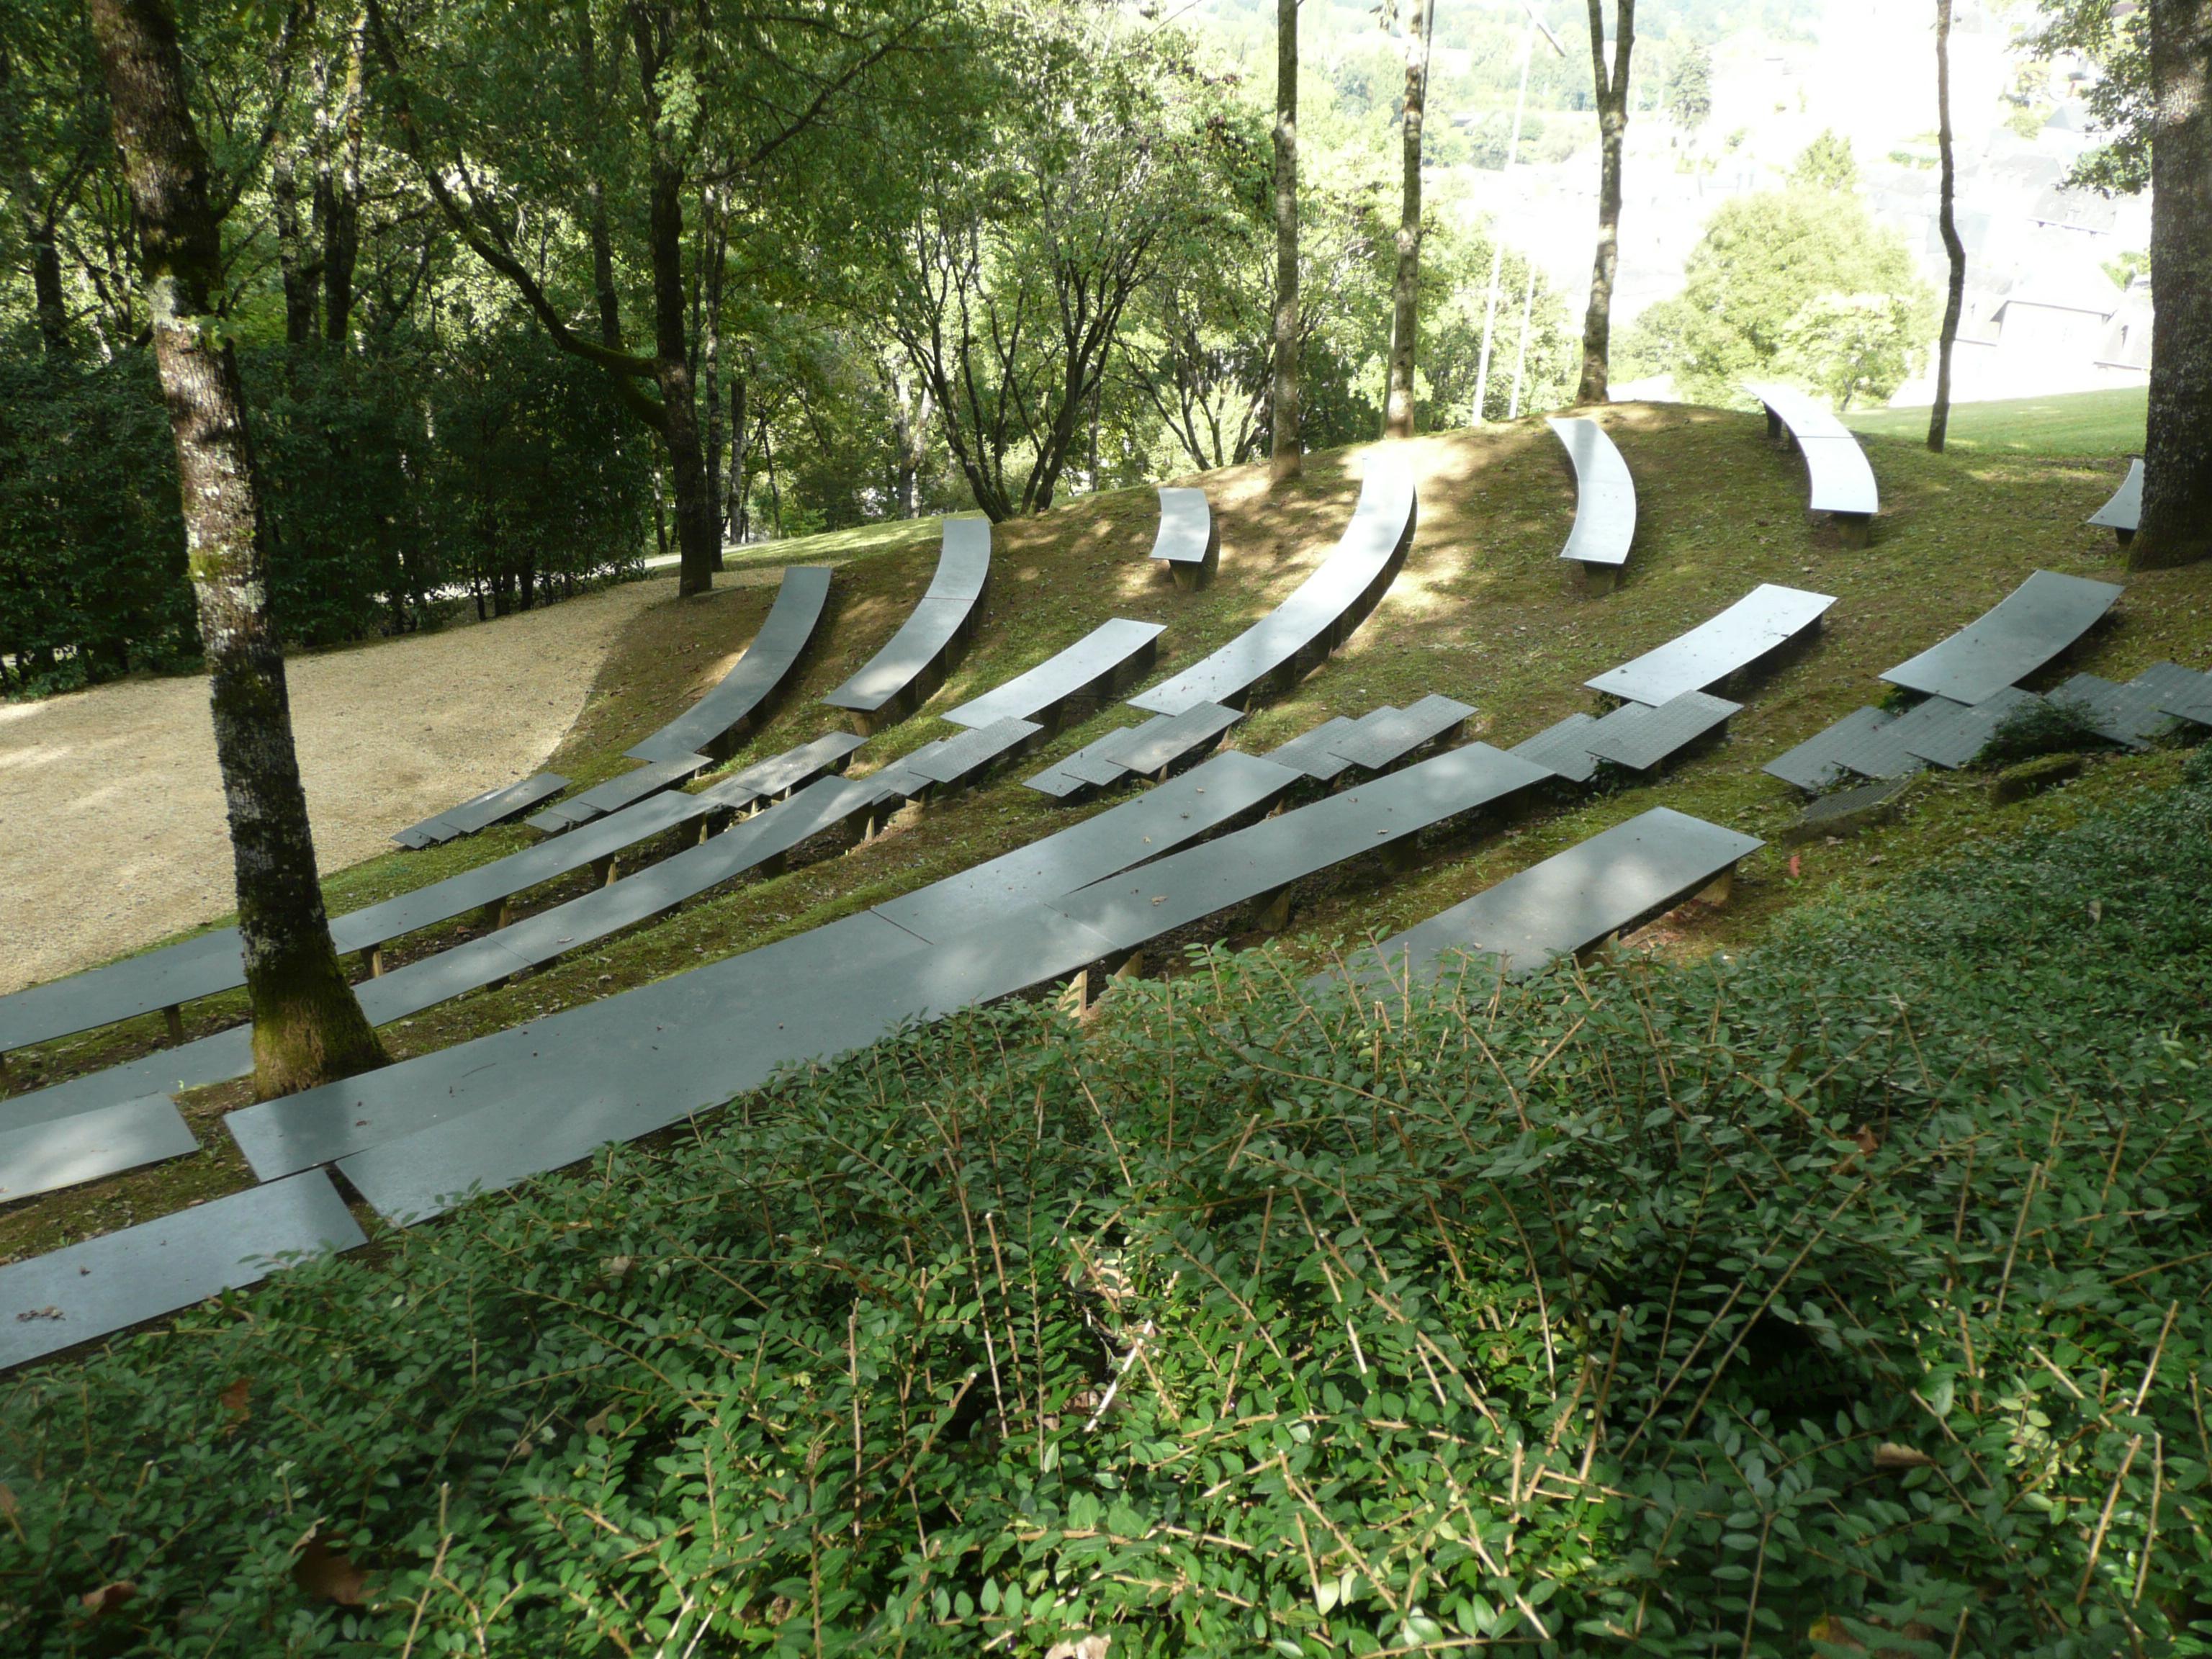 Le jardin de l 39 imaginaire 1 r nov malong re58 - Les jardins de l imaginaire a terrasson ...